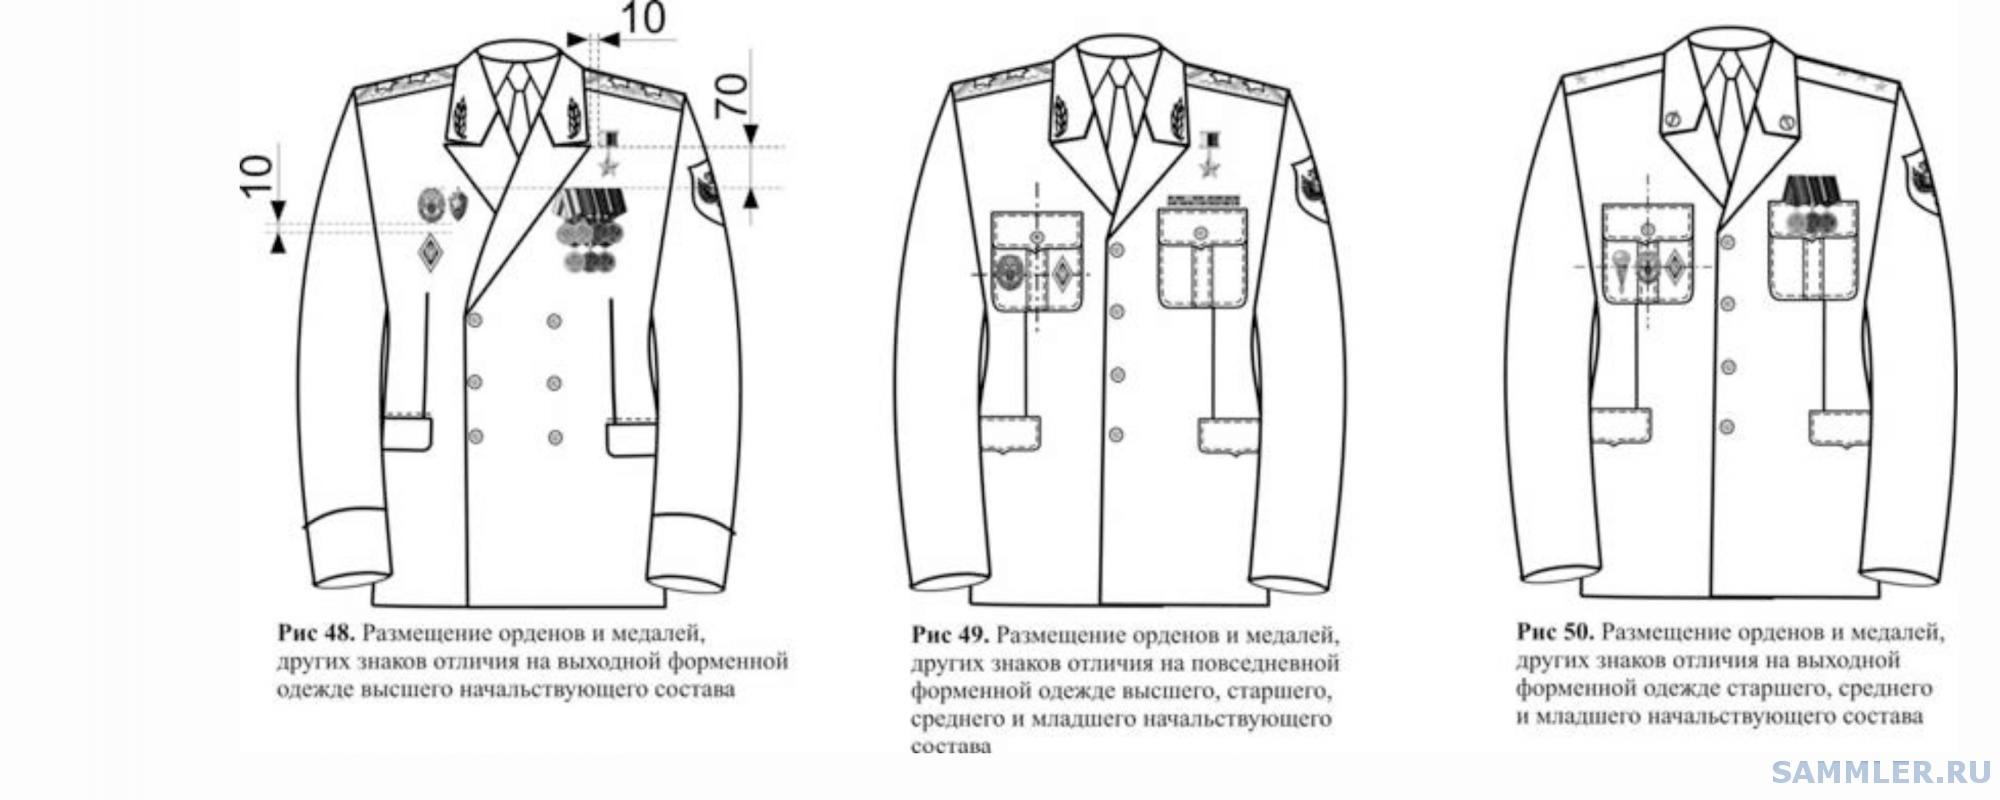 Форменная одежда сотрудников-19.jpg